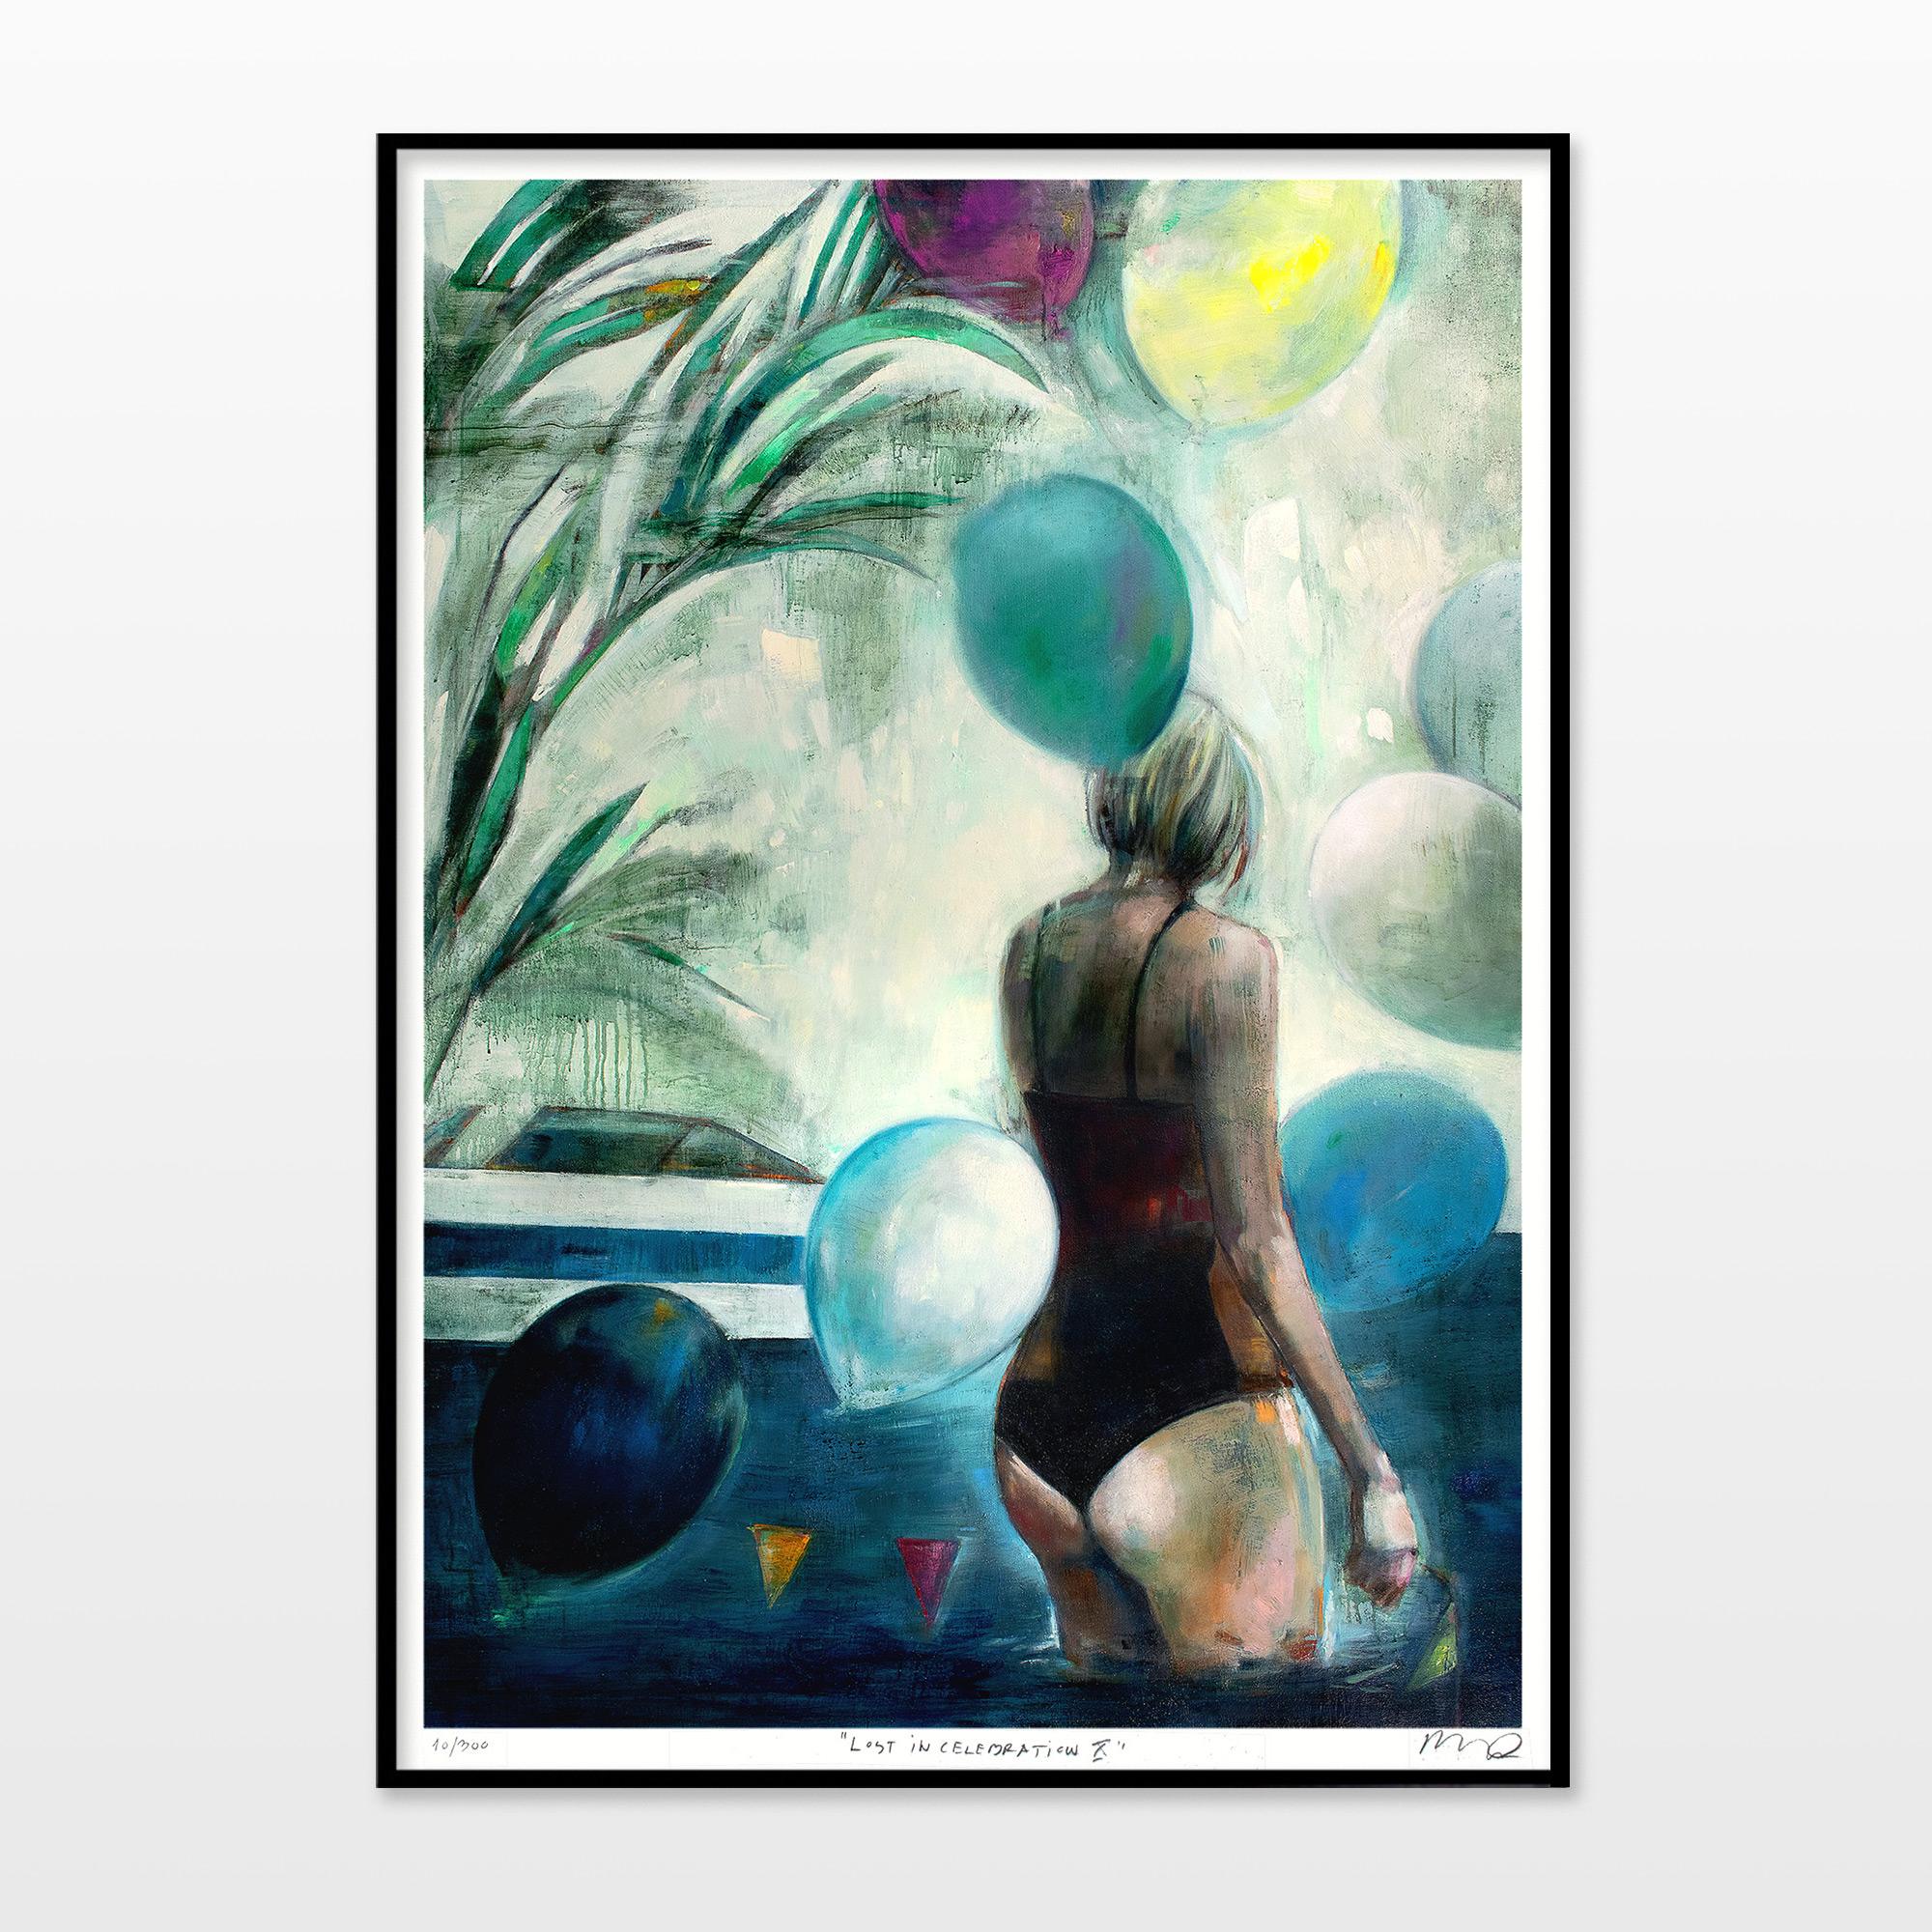 plakater-posters-kunsttryk, giclee-tryk, æstetiske, farverige, figurative, grafiske, illustrative, landskab, portræt, kroppe, natur, havet, mennesker, himmel, blå, grønne, turkise, gule, blæk, papir, strand, smukke, dansk, dekorative, design, kvindelig, interiør, bolig-indretning, nordisk, plakater, flotte, skandinavisk, hav, sommer, kvinder, Køb original kunst og kunstplakater. Malerier, tegninger, limited edition kunsttryk & plakater af dygtige kunstnere.